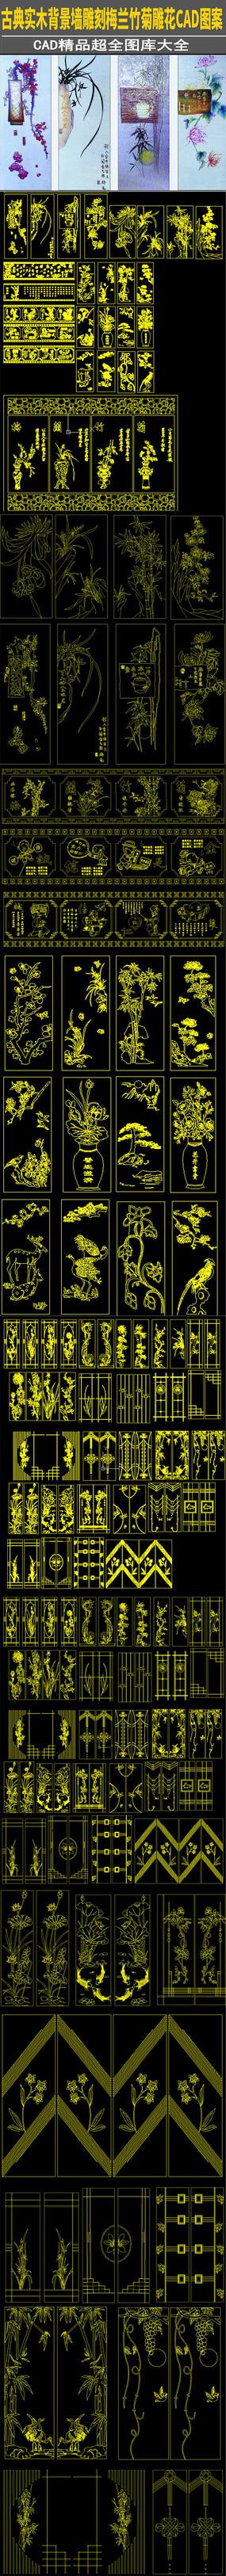 菊花雕刻图案